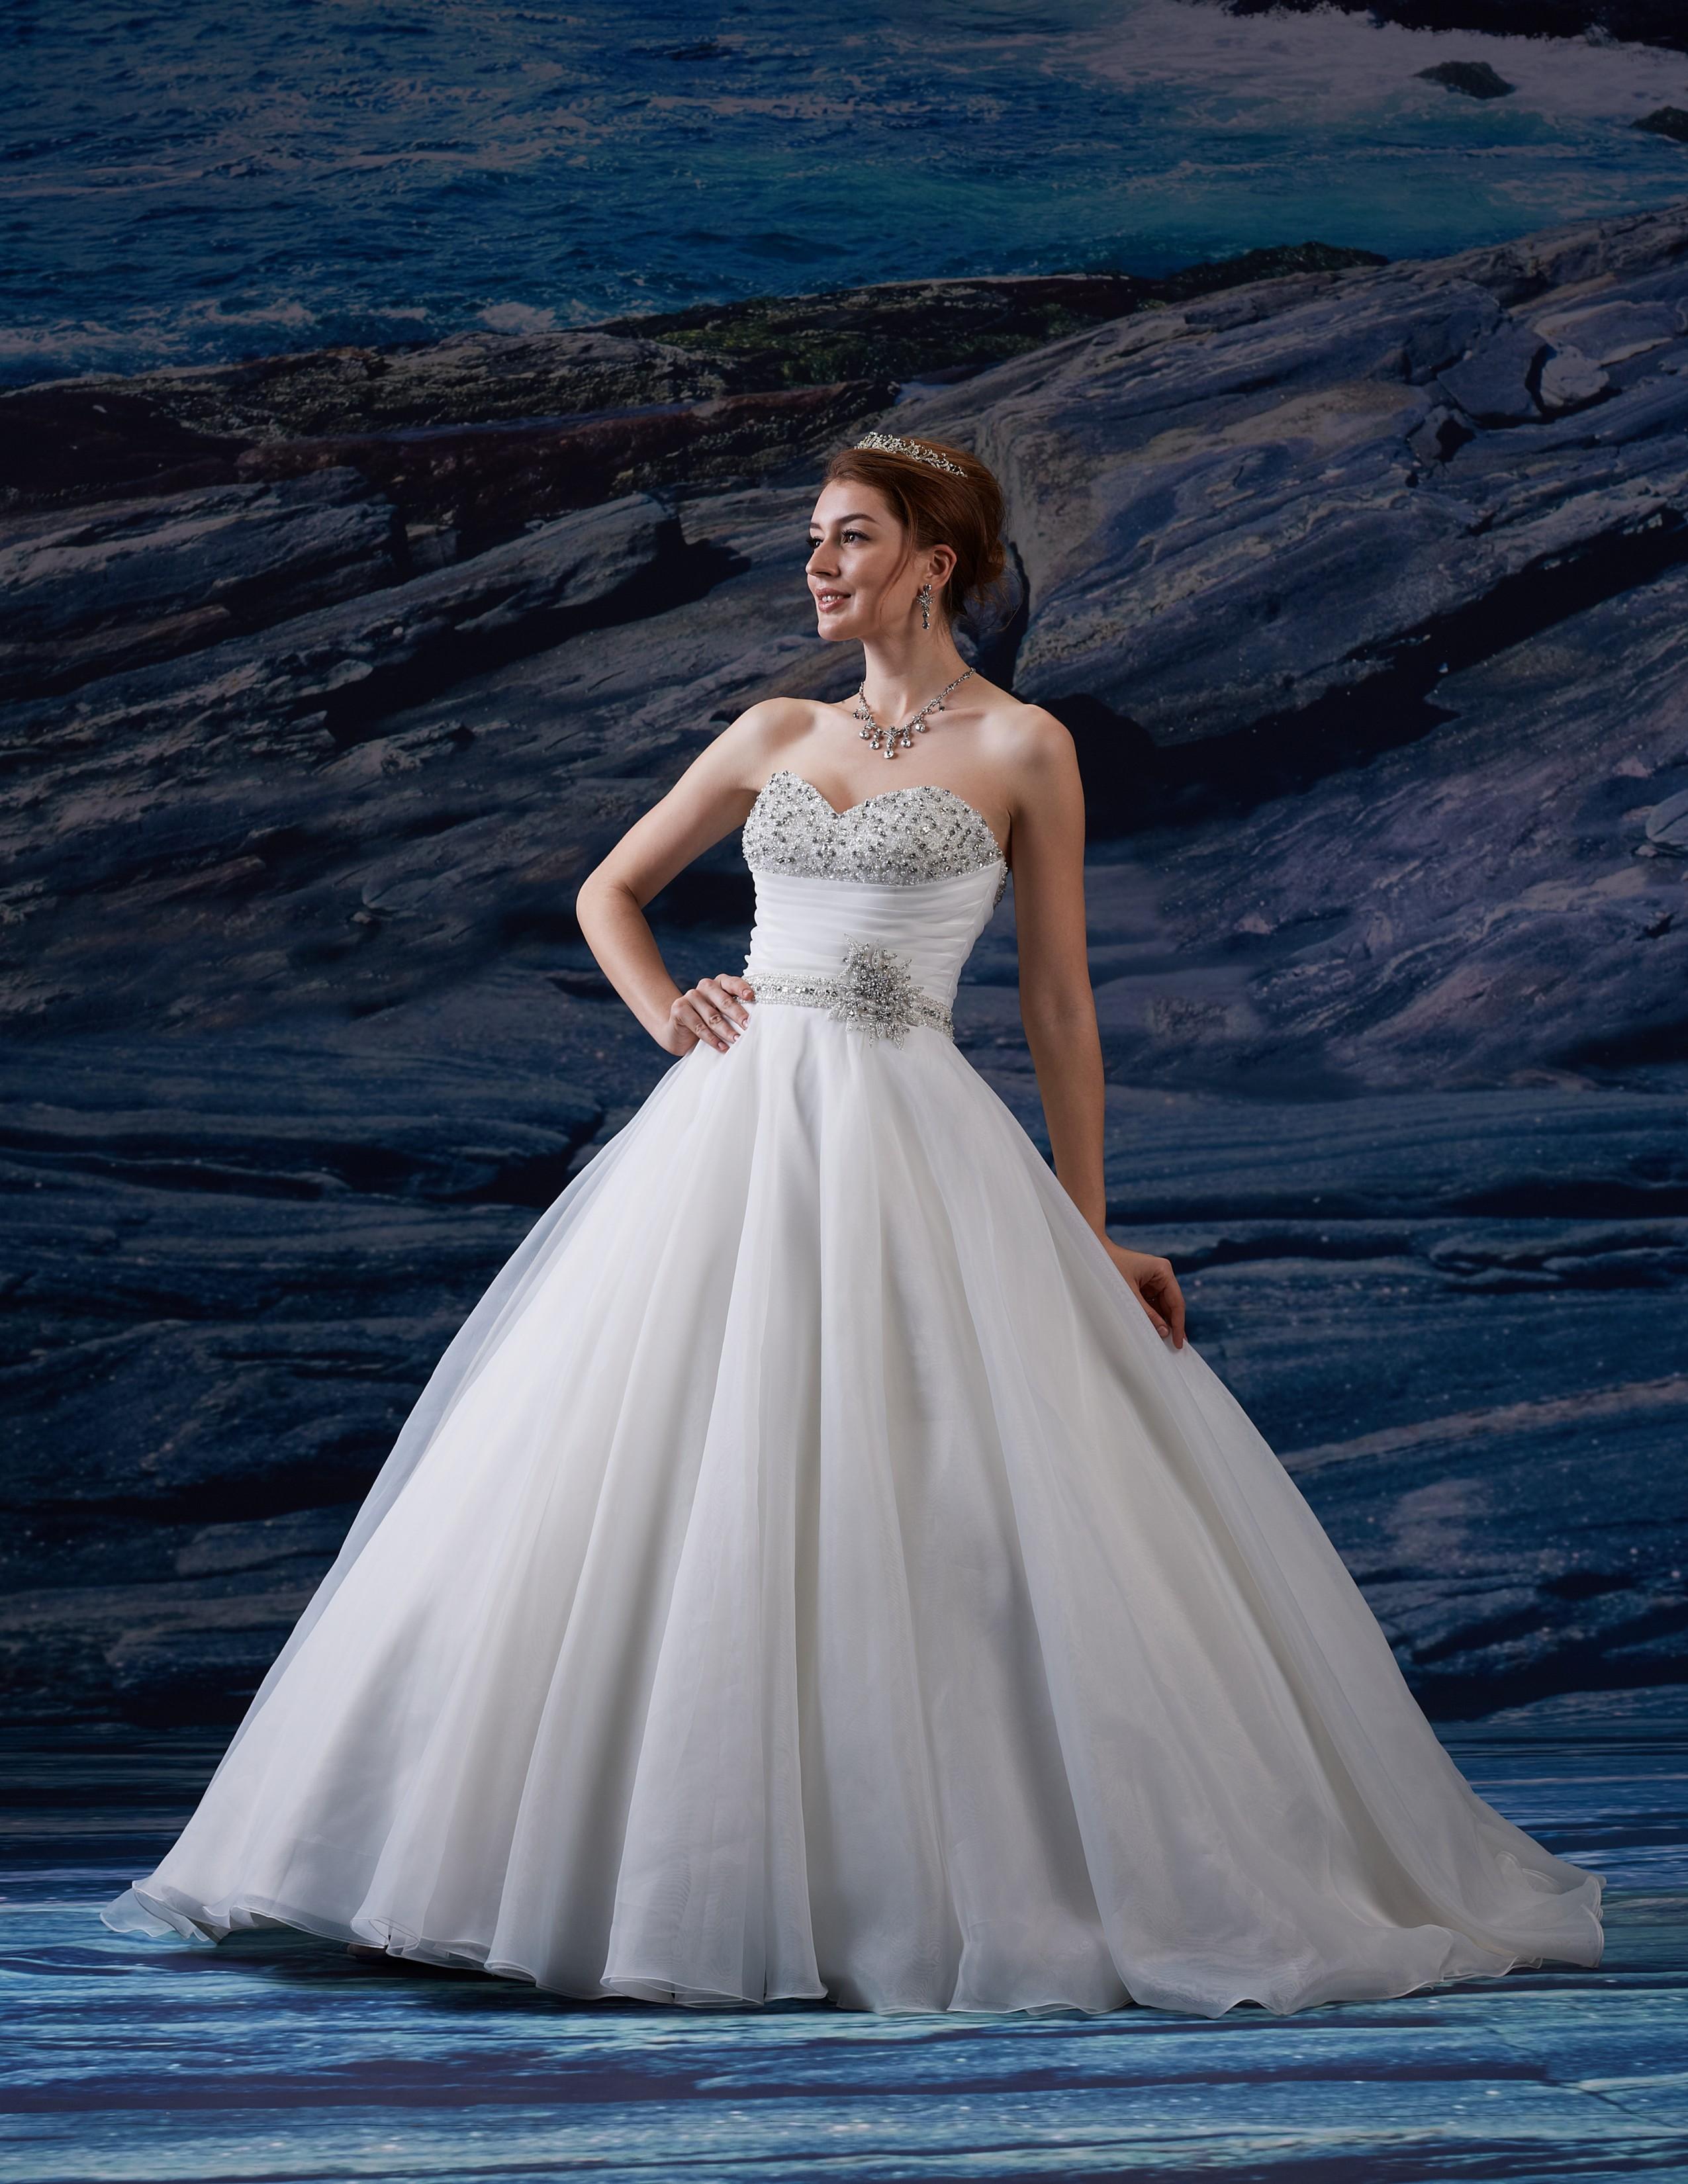 stile moderno prima qualità diversificato nella confezione Abito da sposa - Modello VE 8199 | Sogno di Sposa Marche